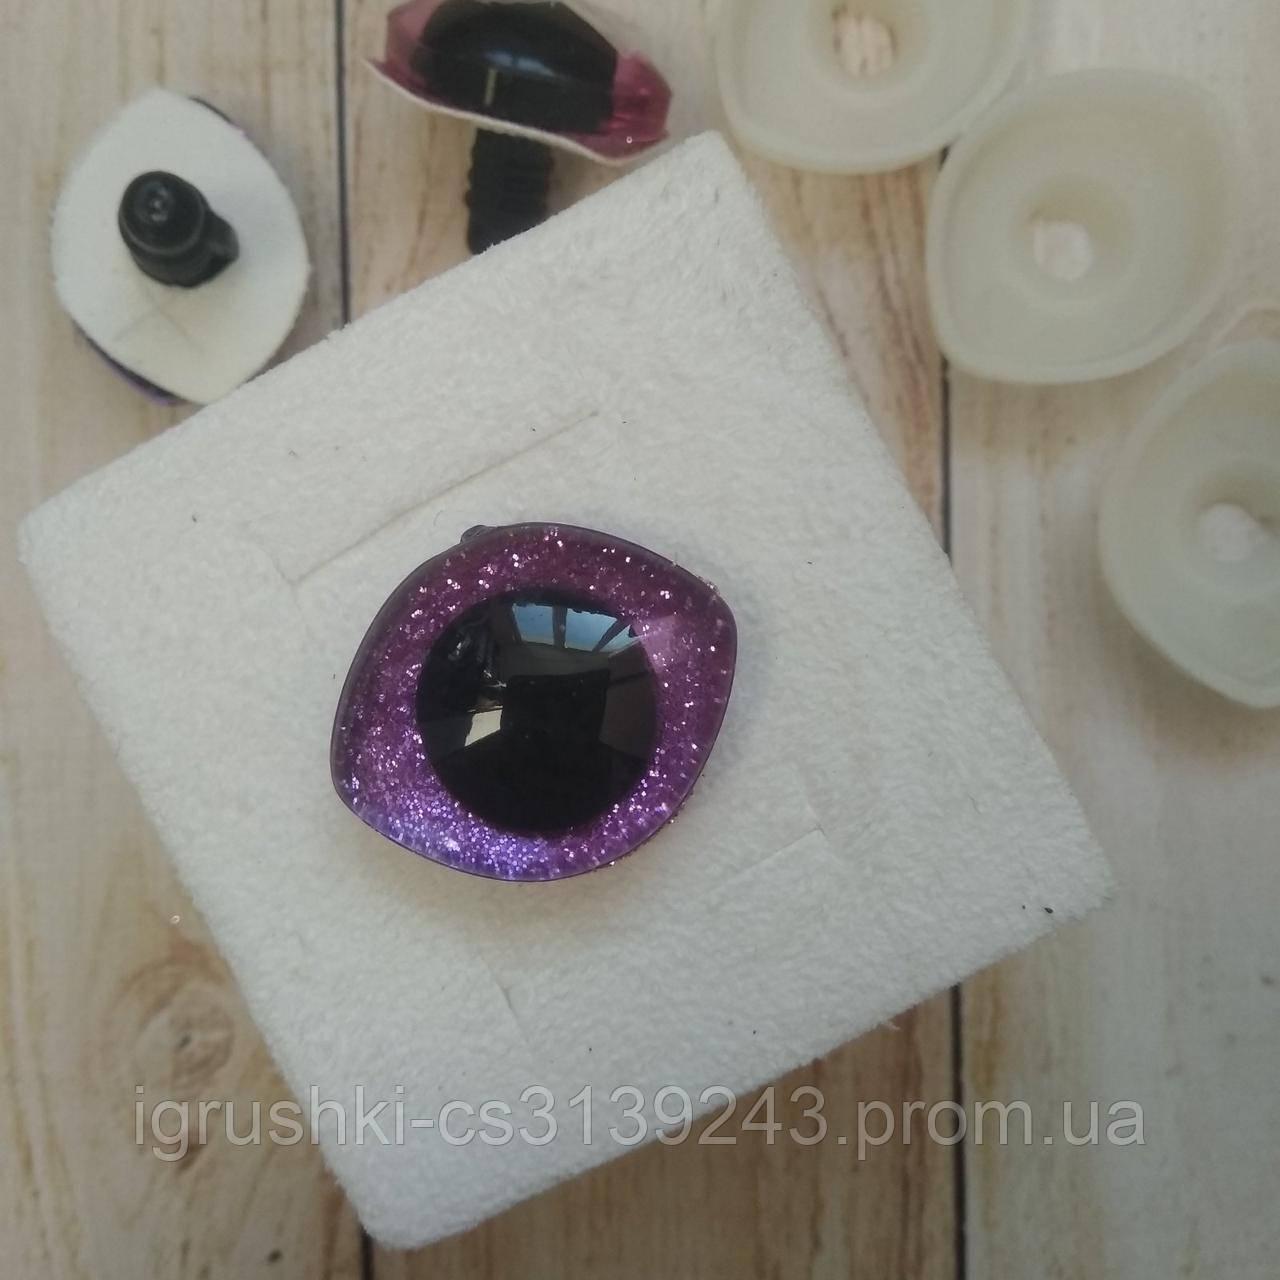 Блискучі оченята для іграшок 28,5*23,5 мм фіолетовий